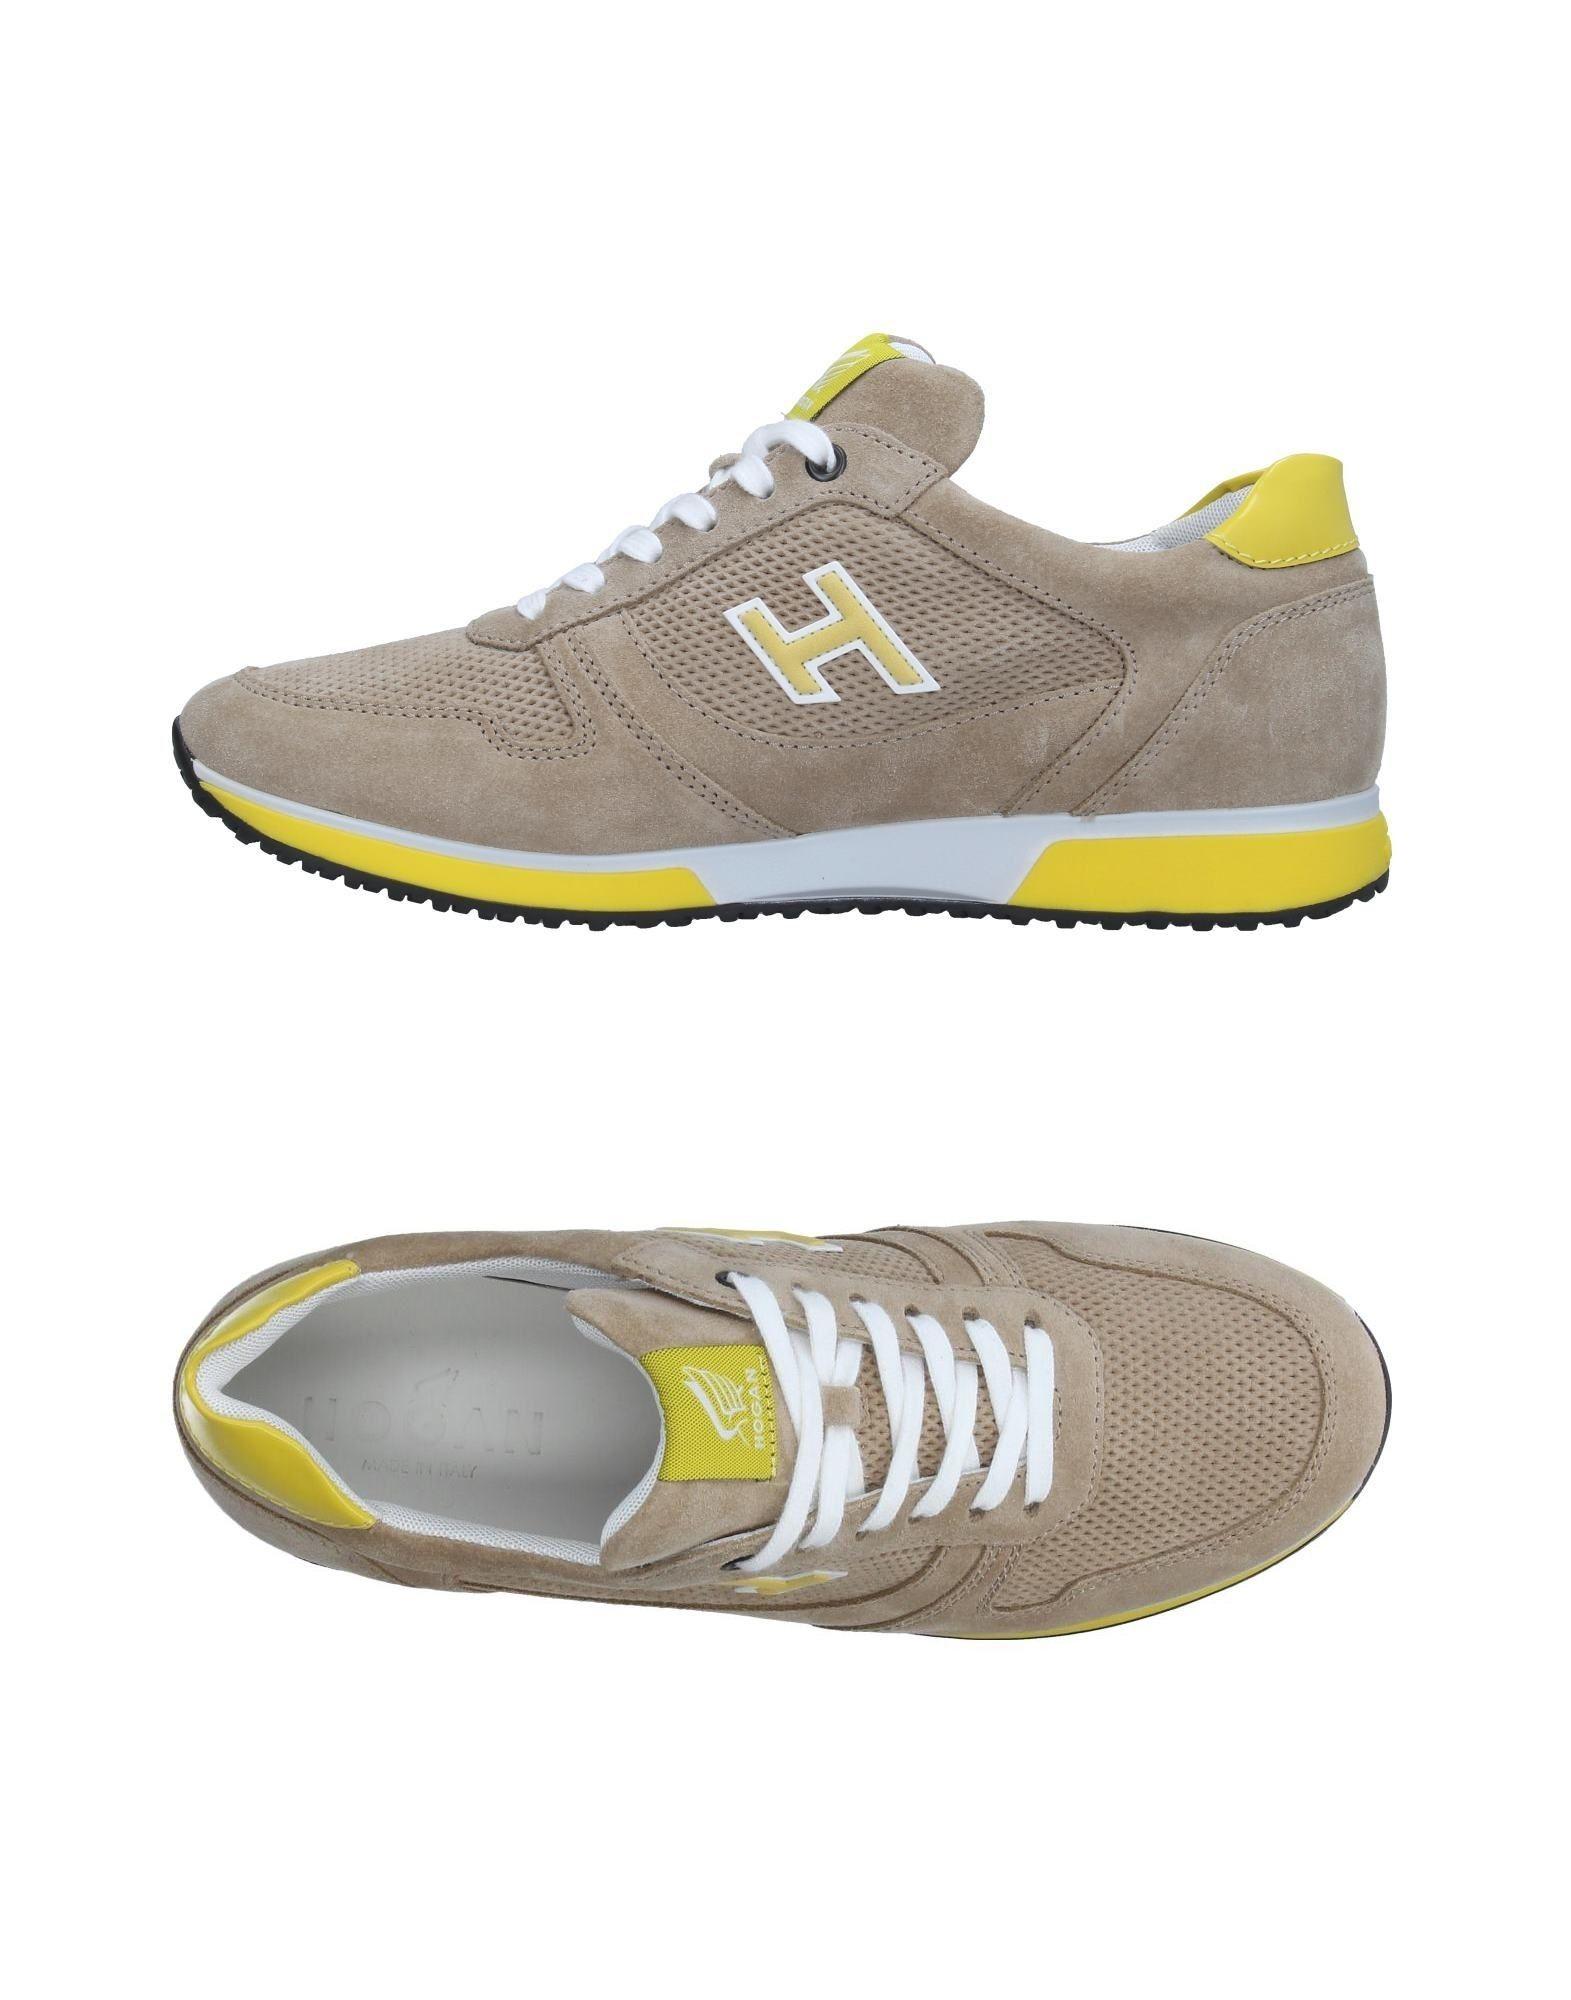 Hogan Sneakers Herren  11292204IK Gute Qualität beliebte Schuhe